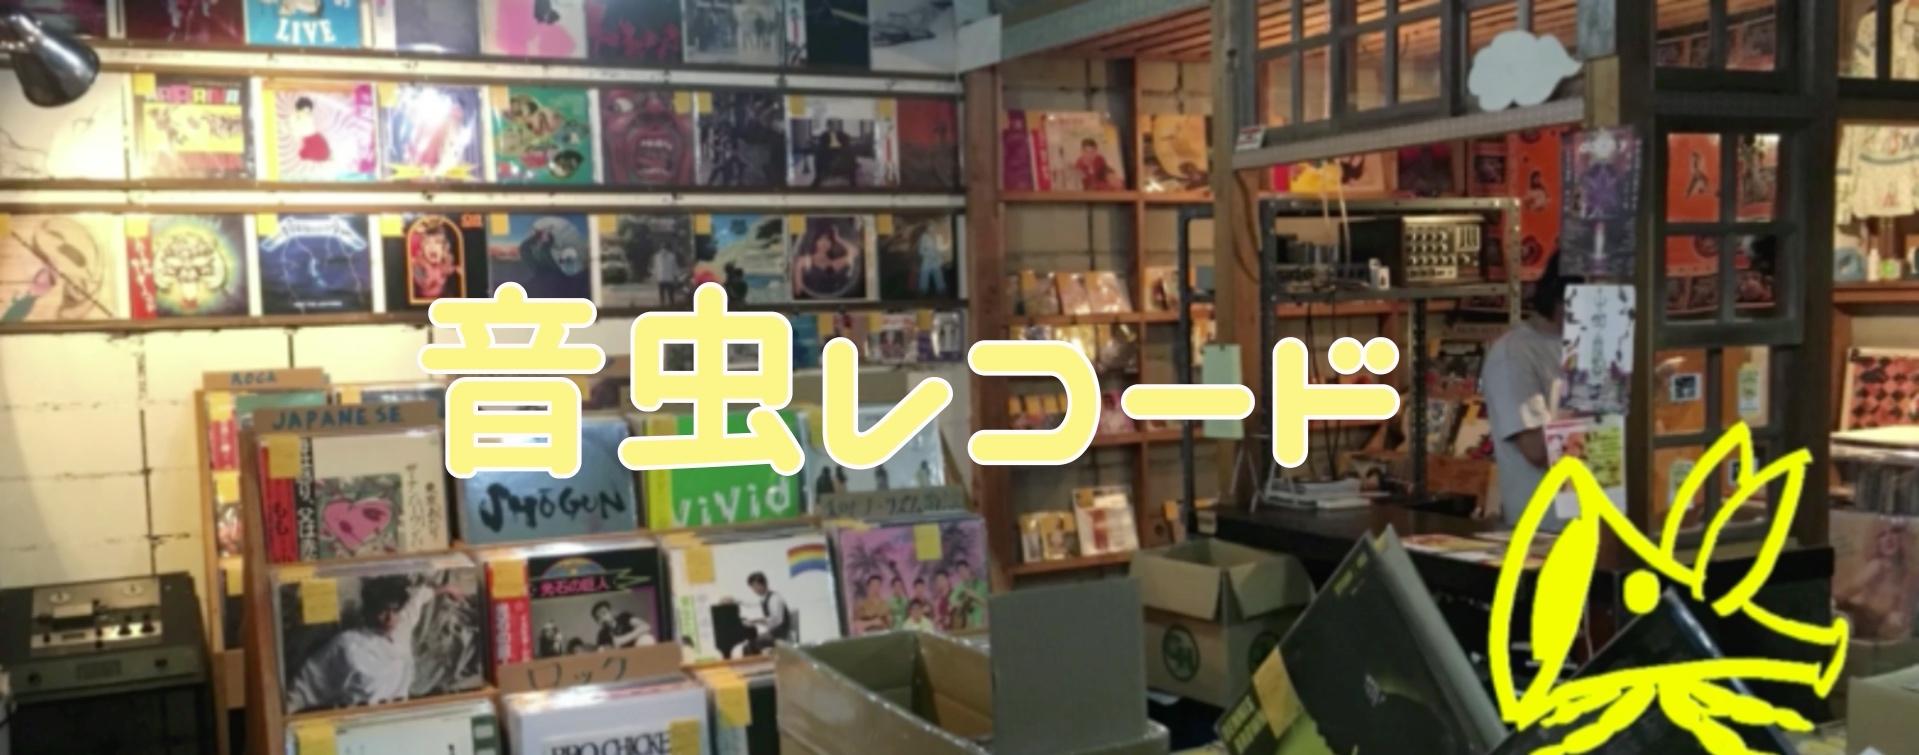 音虫レコード